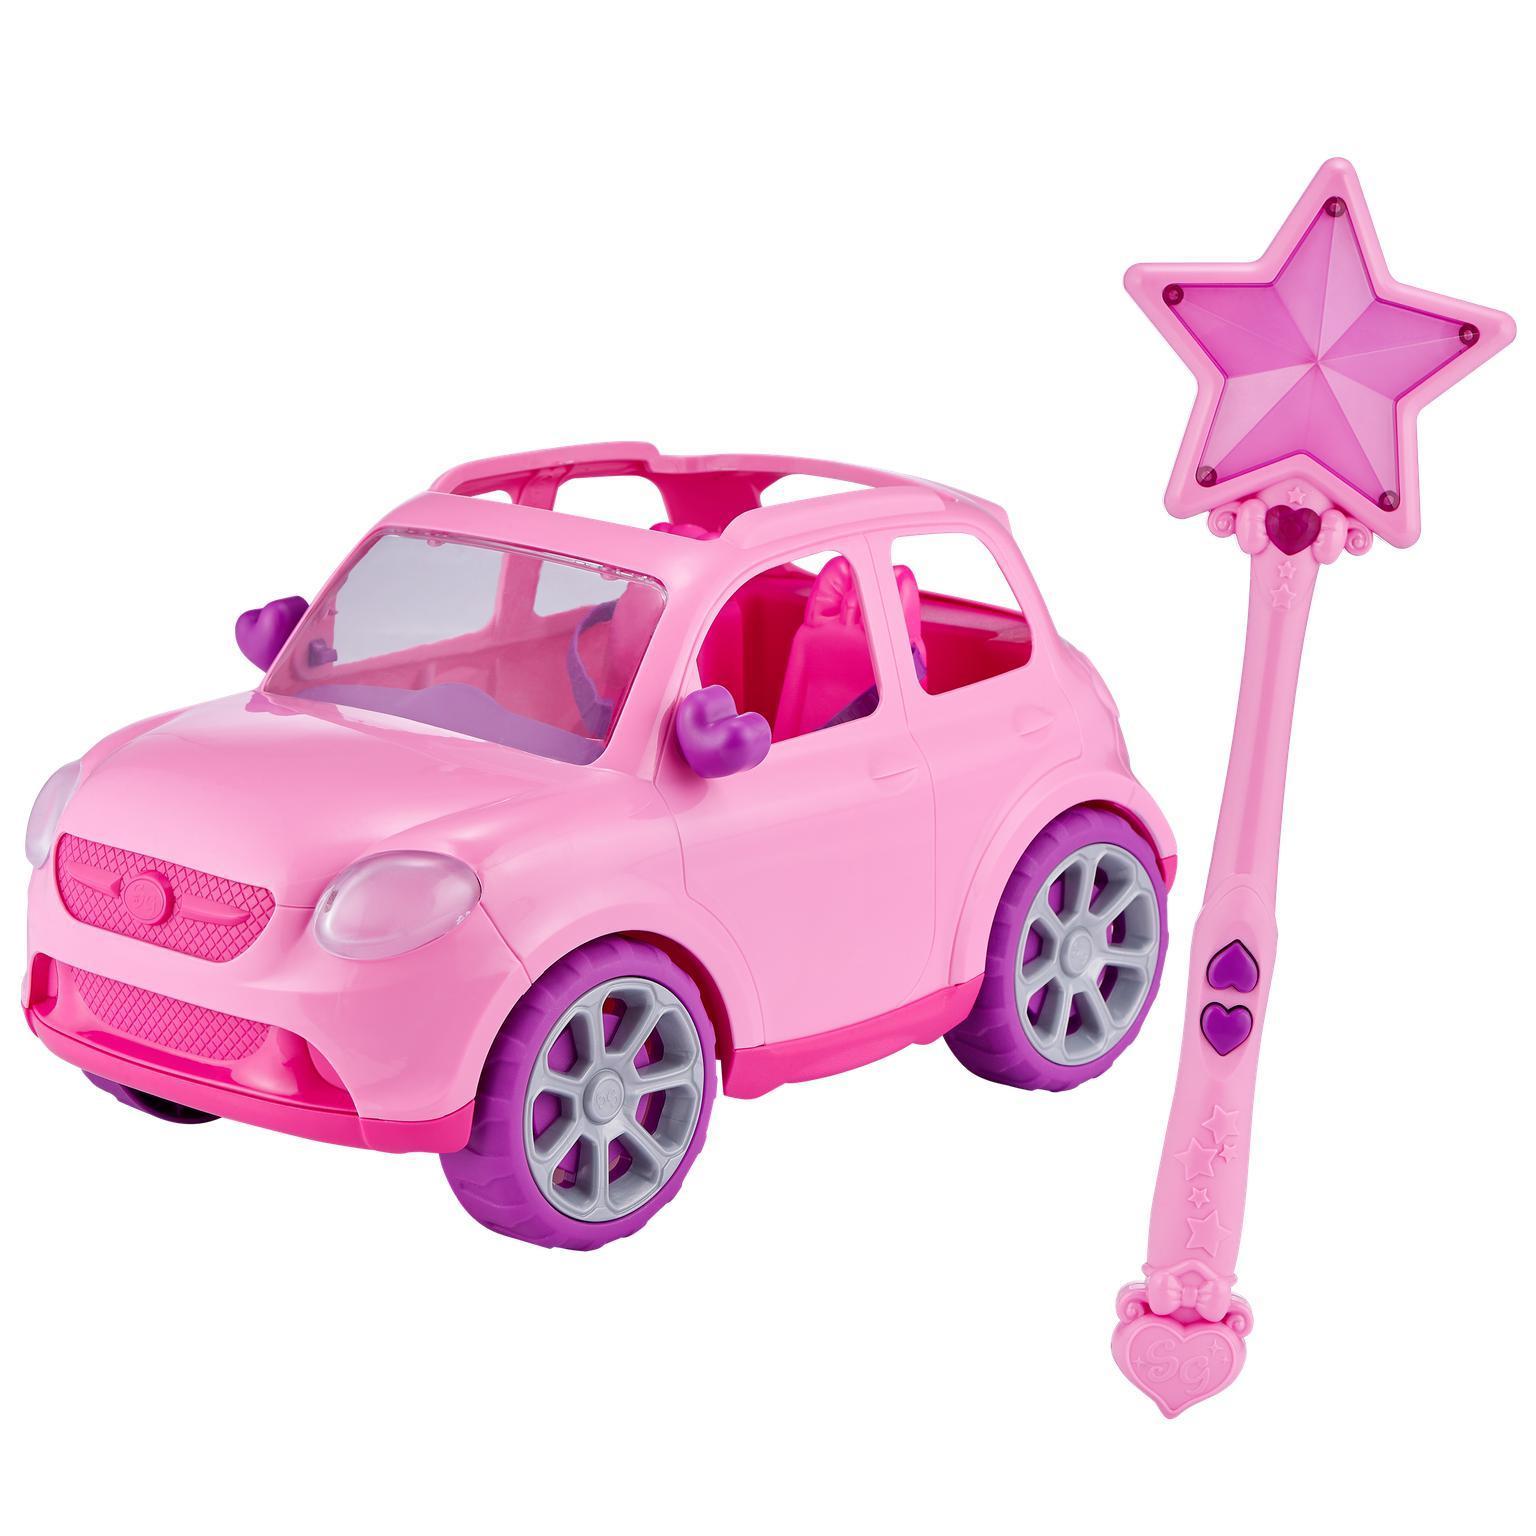 Sparkle Girlz - Radio Control Car (100299)